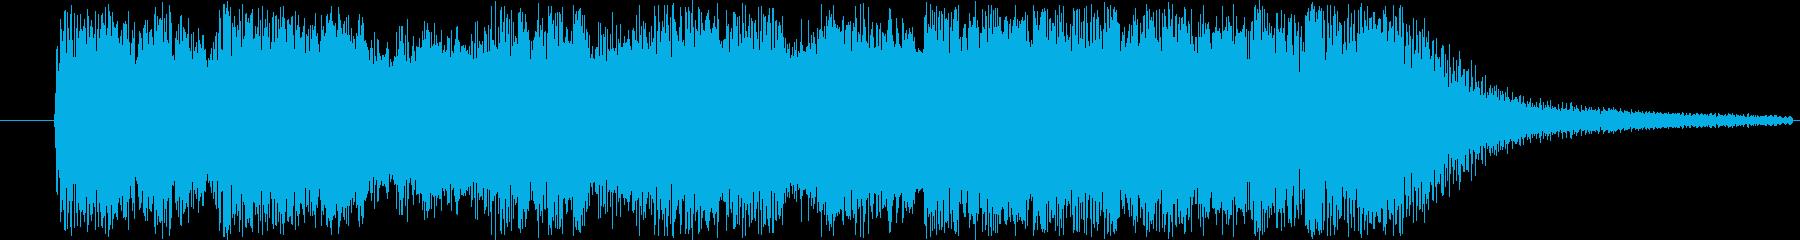 テンションが高めなジングルの再生済みの波形